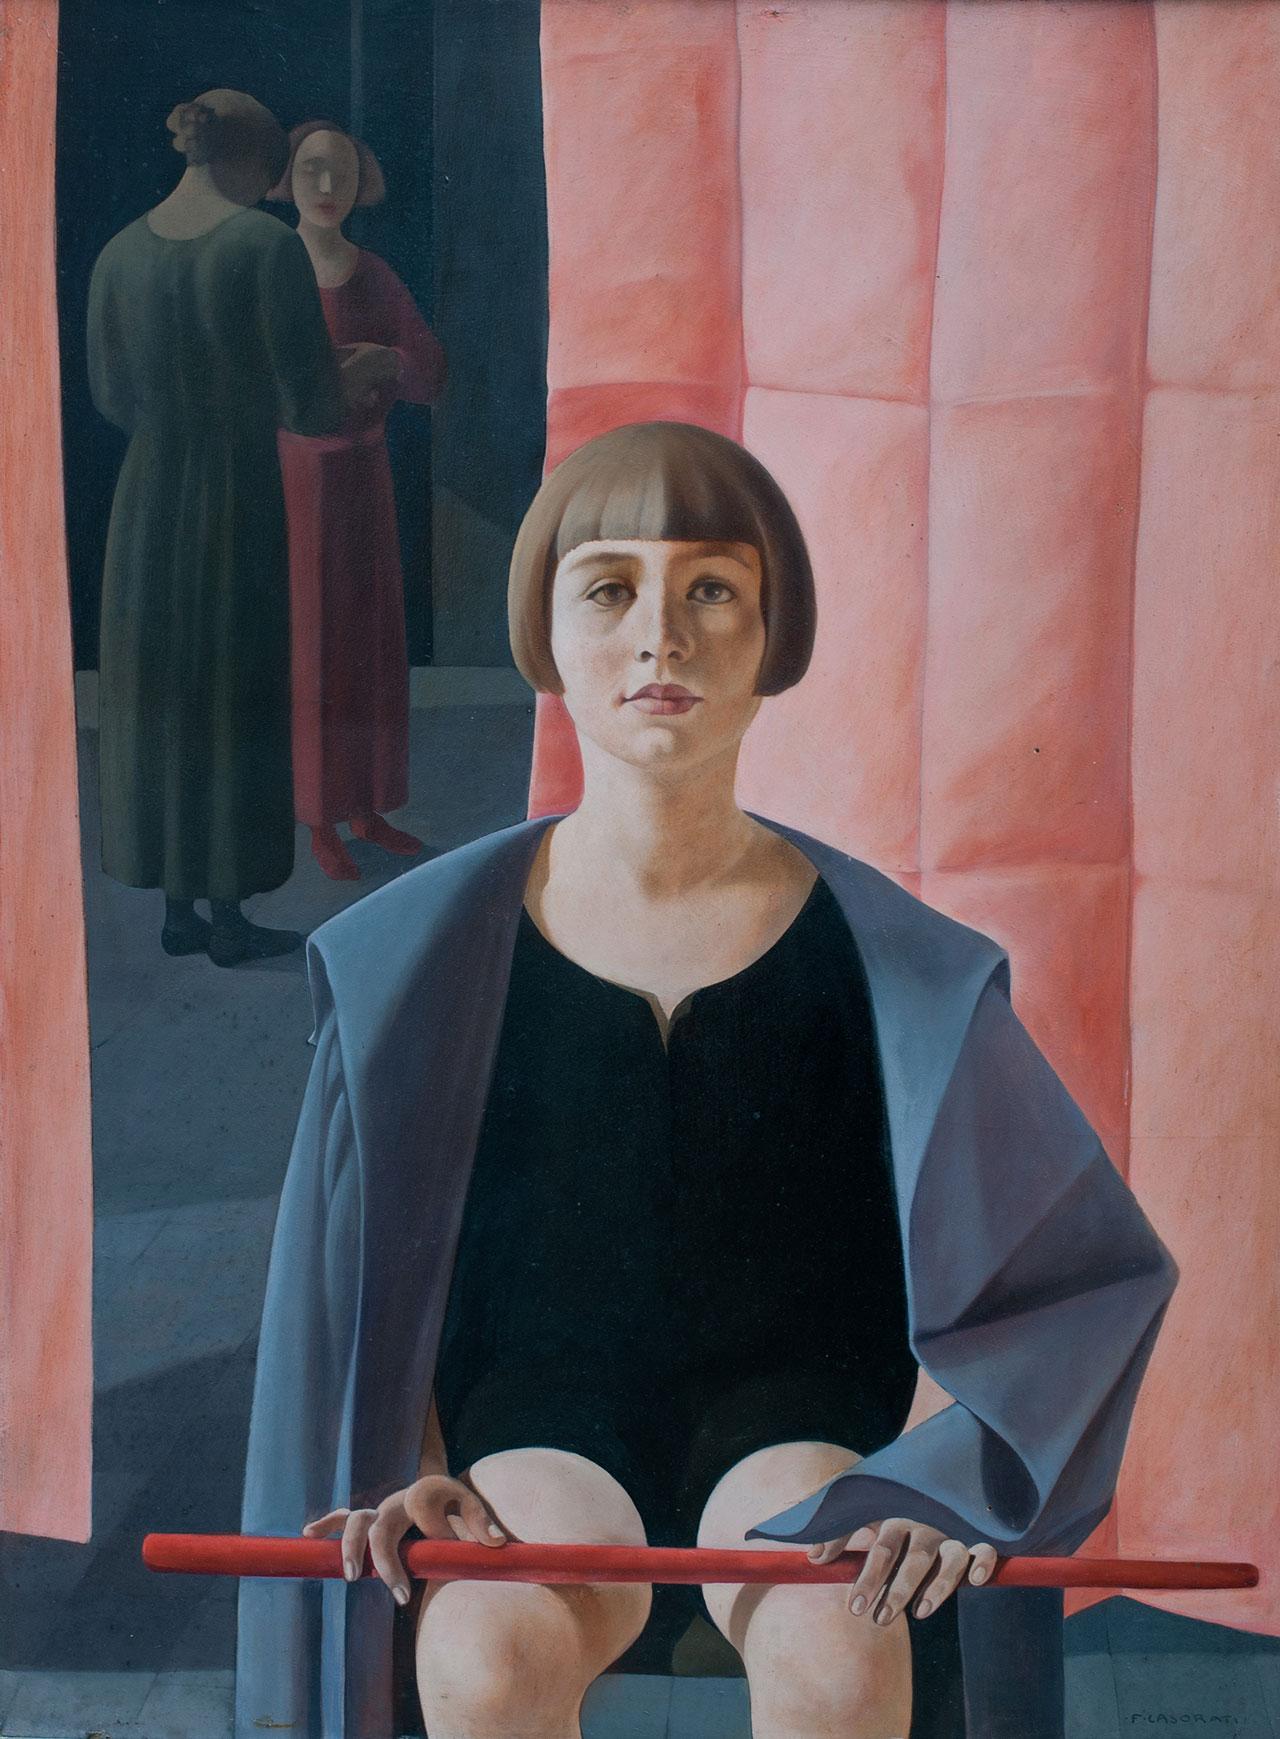 Felice Casorati, Ritratto di Renato Gualino, 1923 - 1924, oil on plywood panel 97x74,5 cm. Courtesy Istituto Matteucci, Viareggio © Felice Casorati by SIAE 2018.